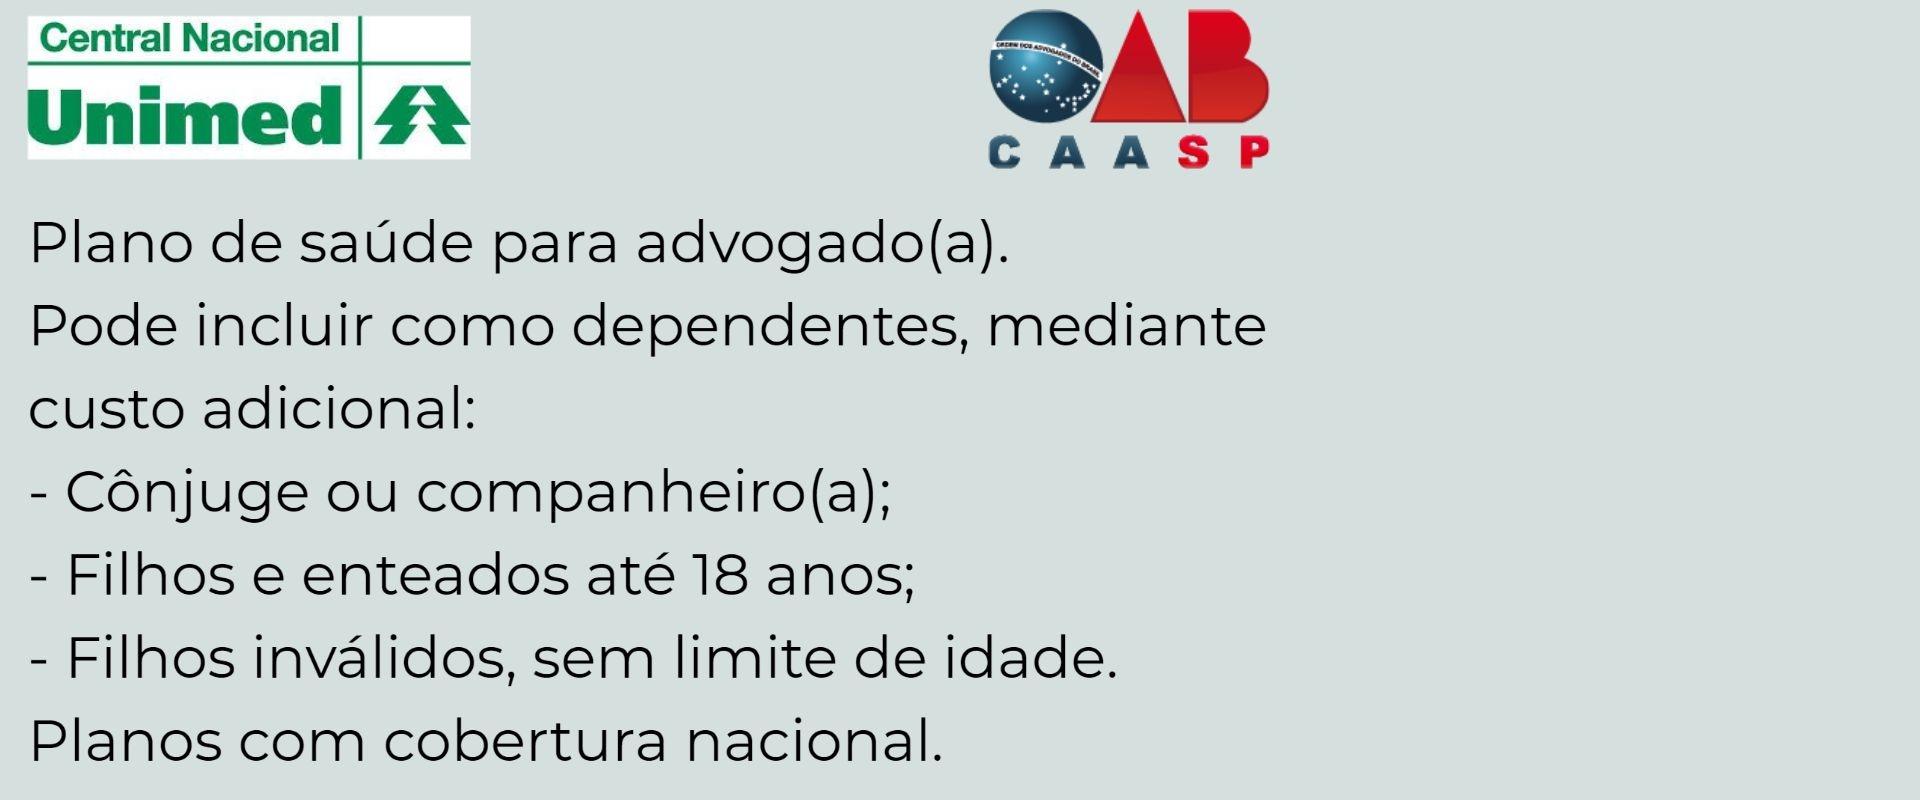 Unimed CAASP Jundiaí